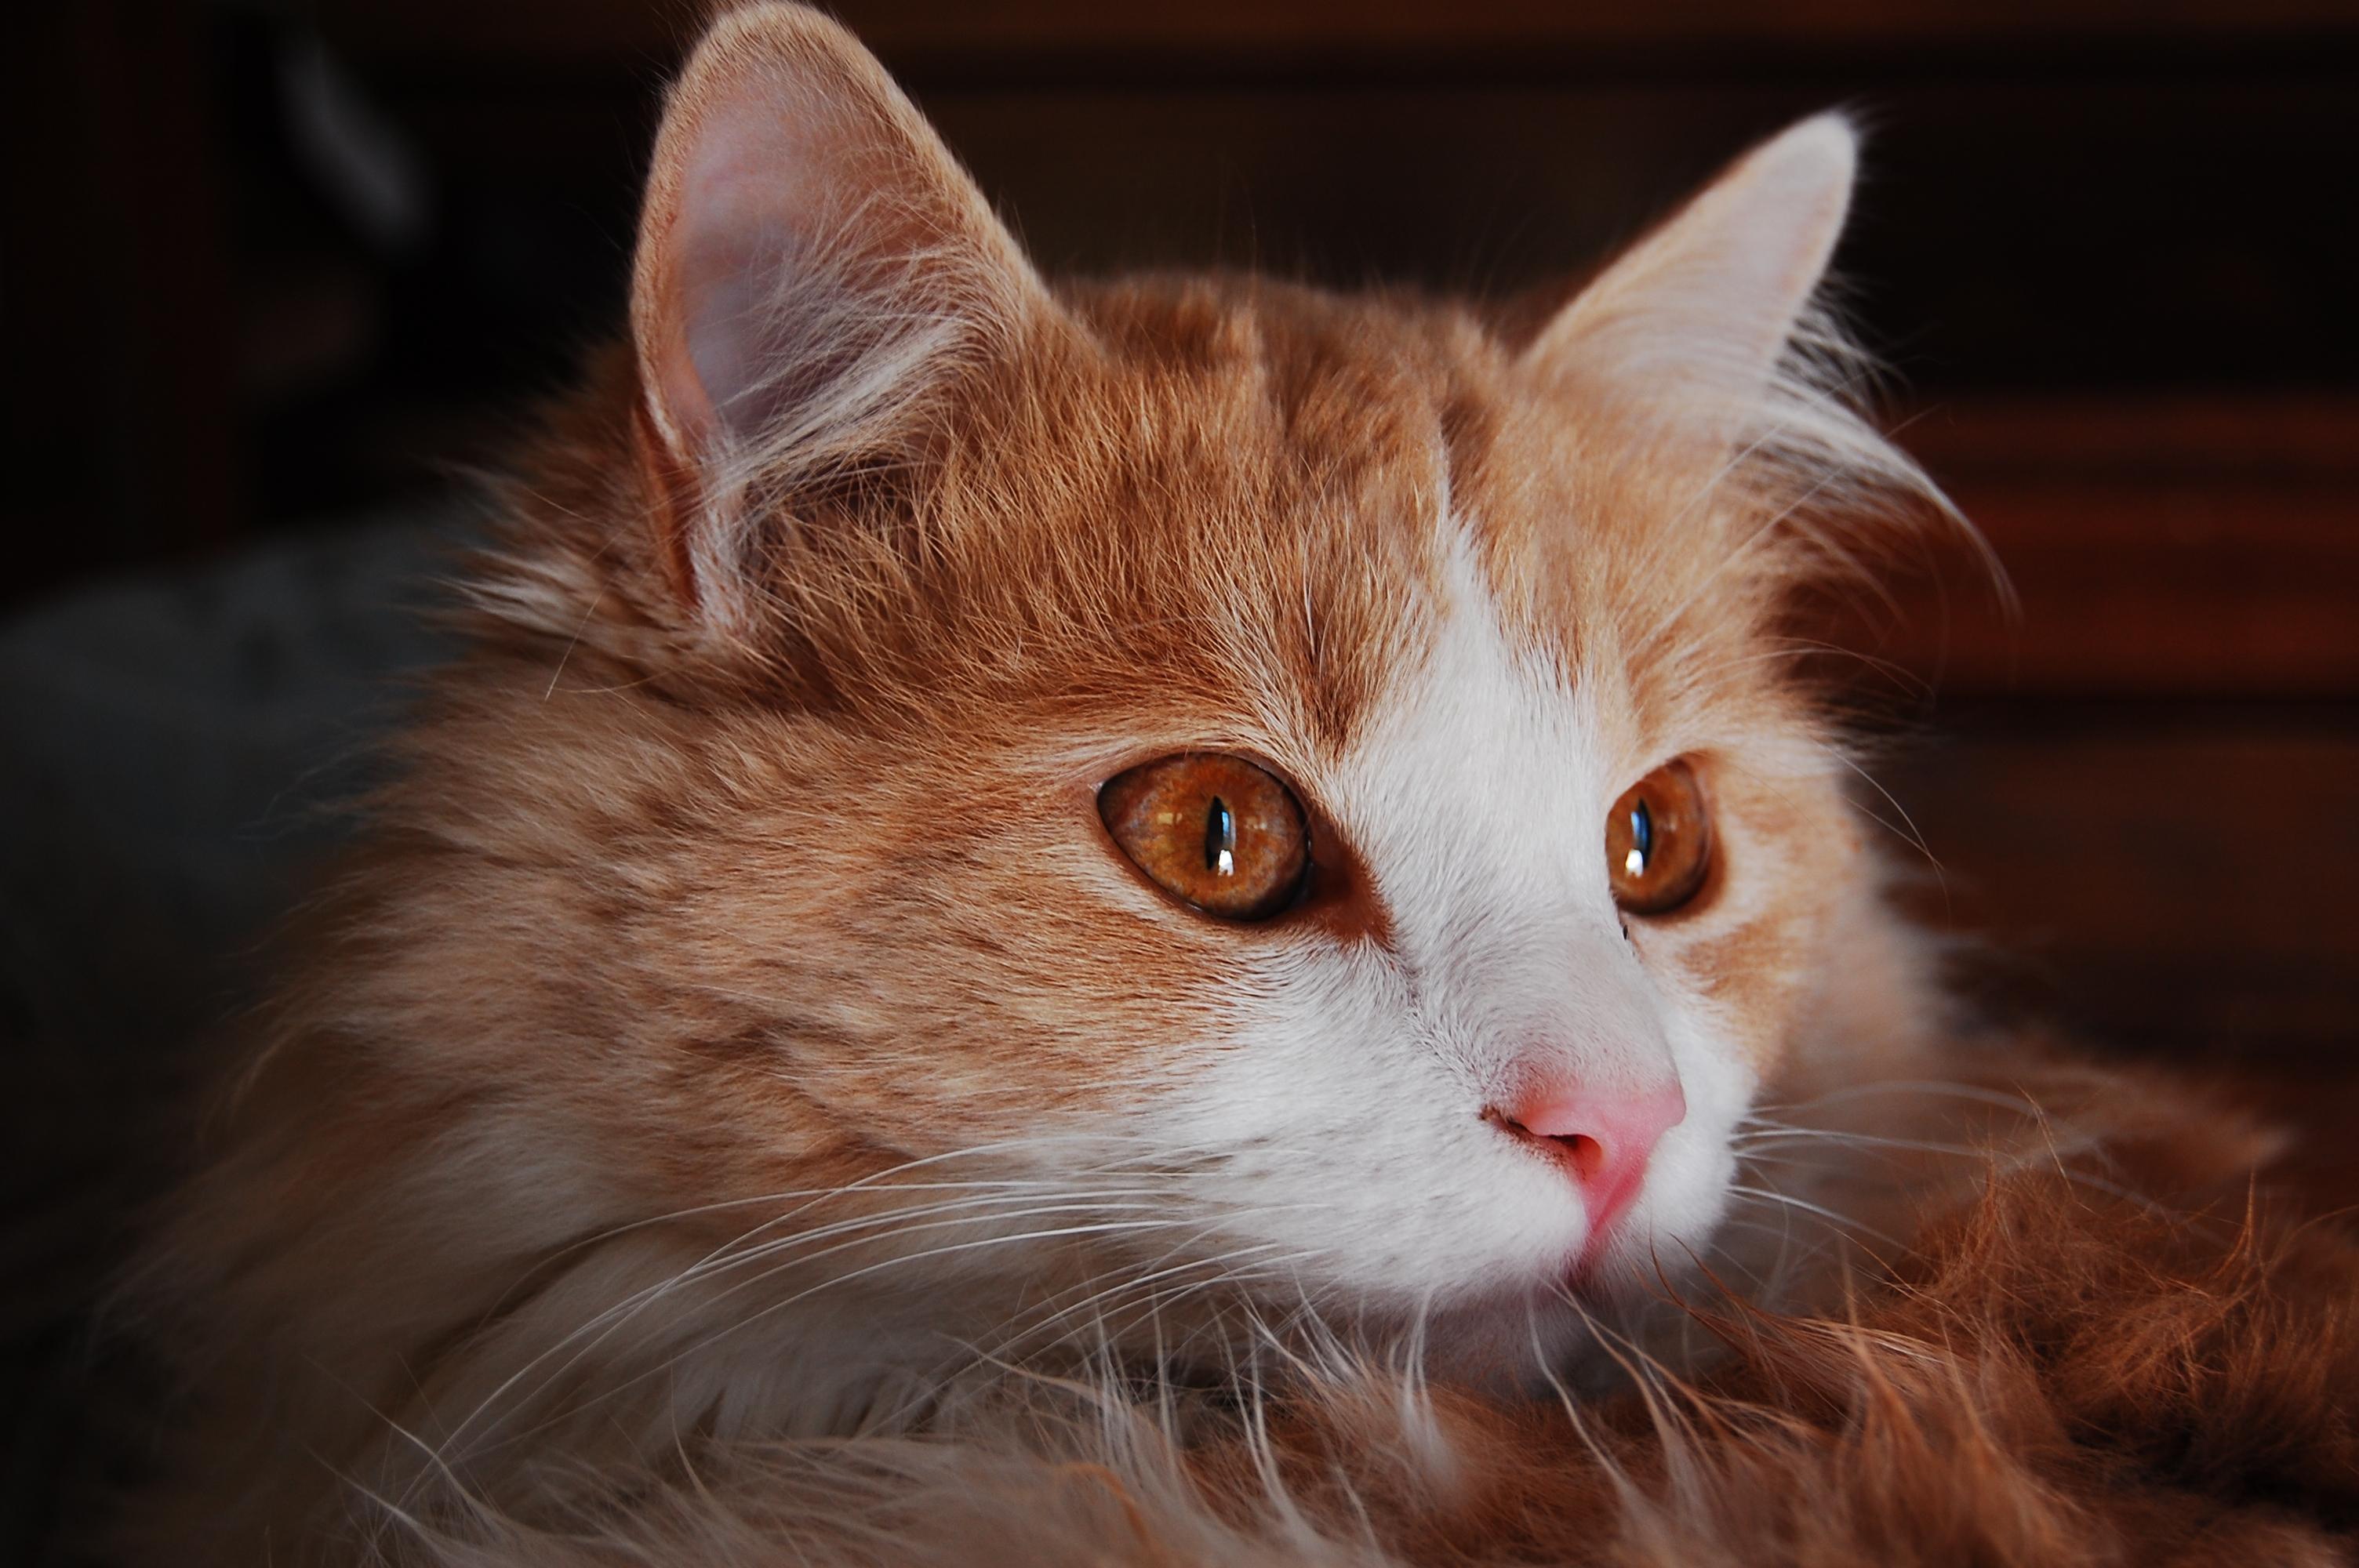 Cat Long Hair Care